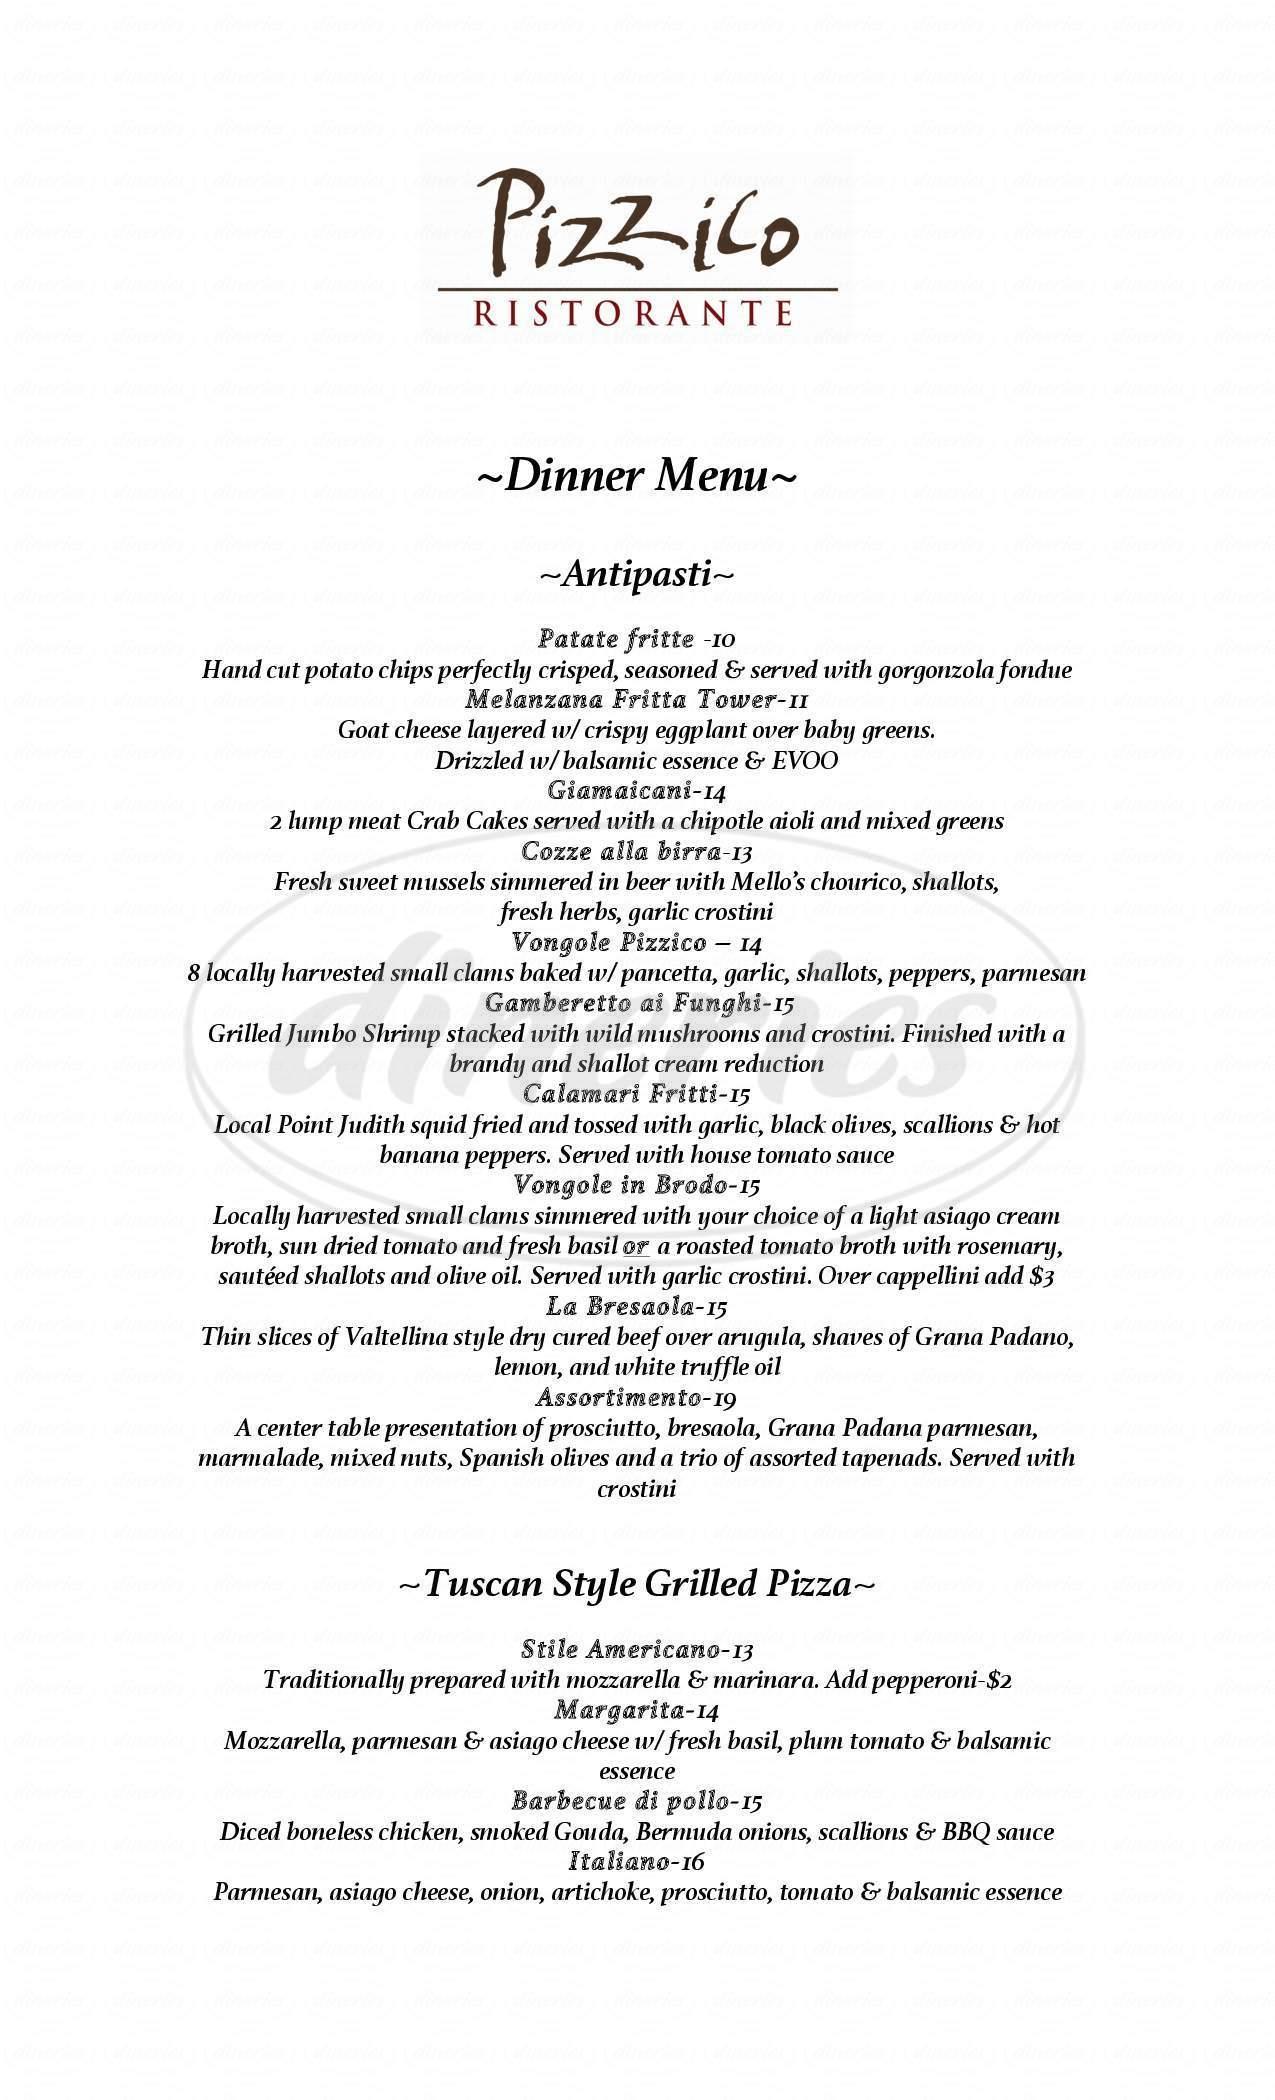 menu for Pizzico Ristorante